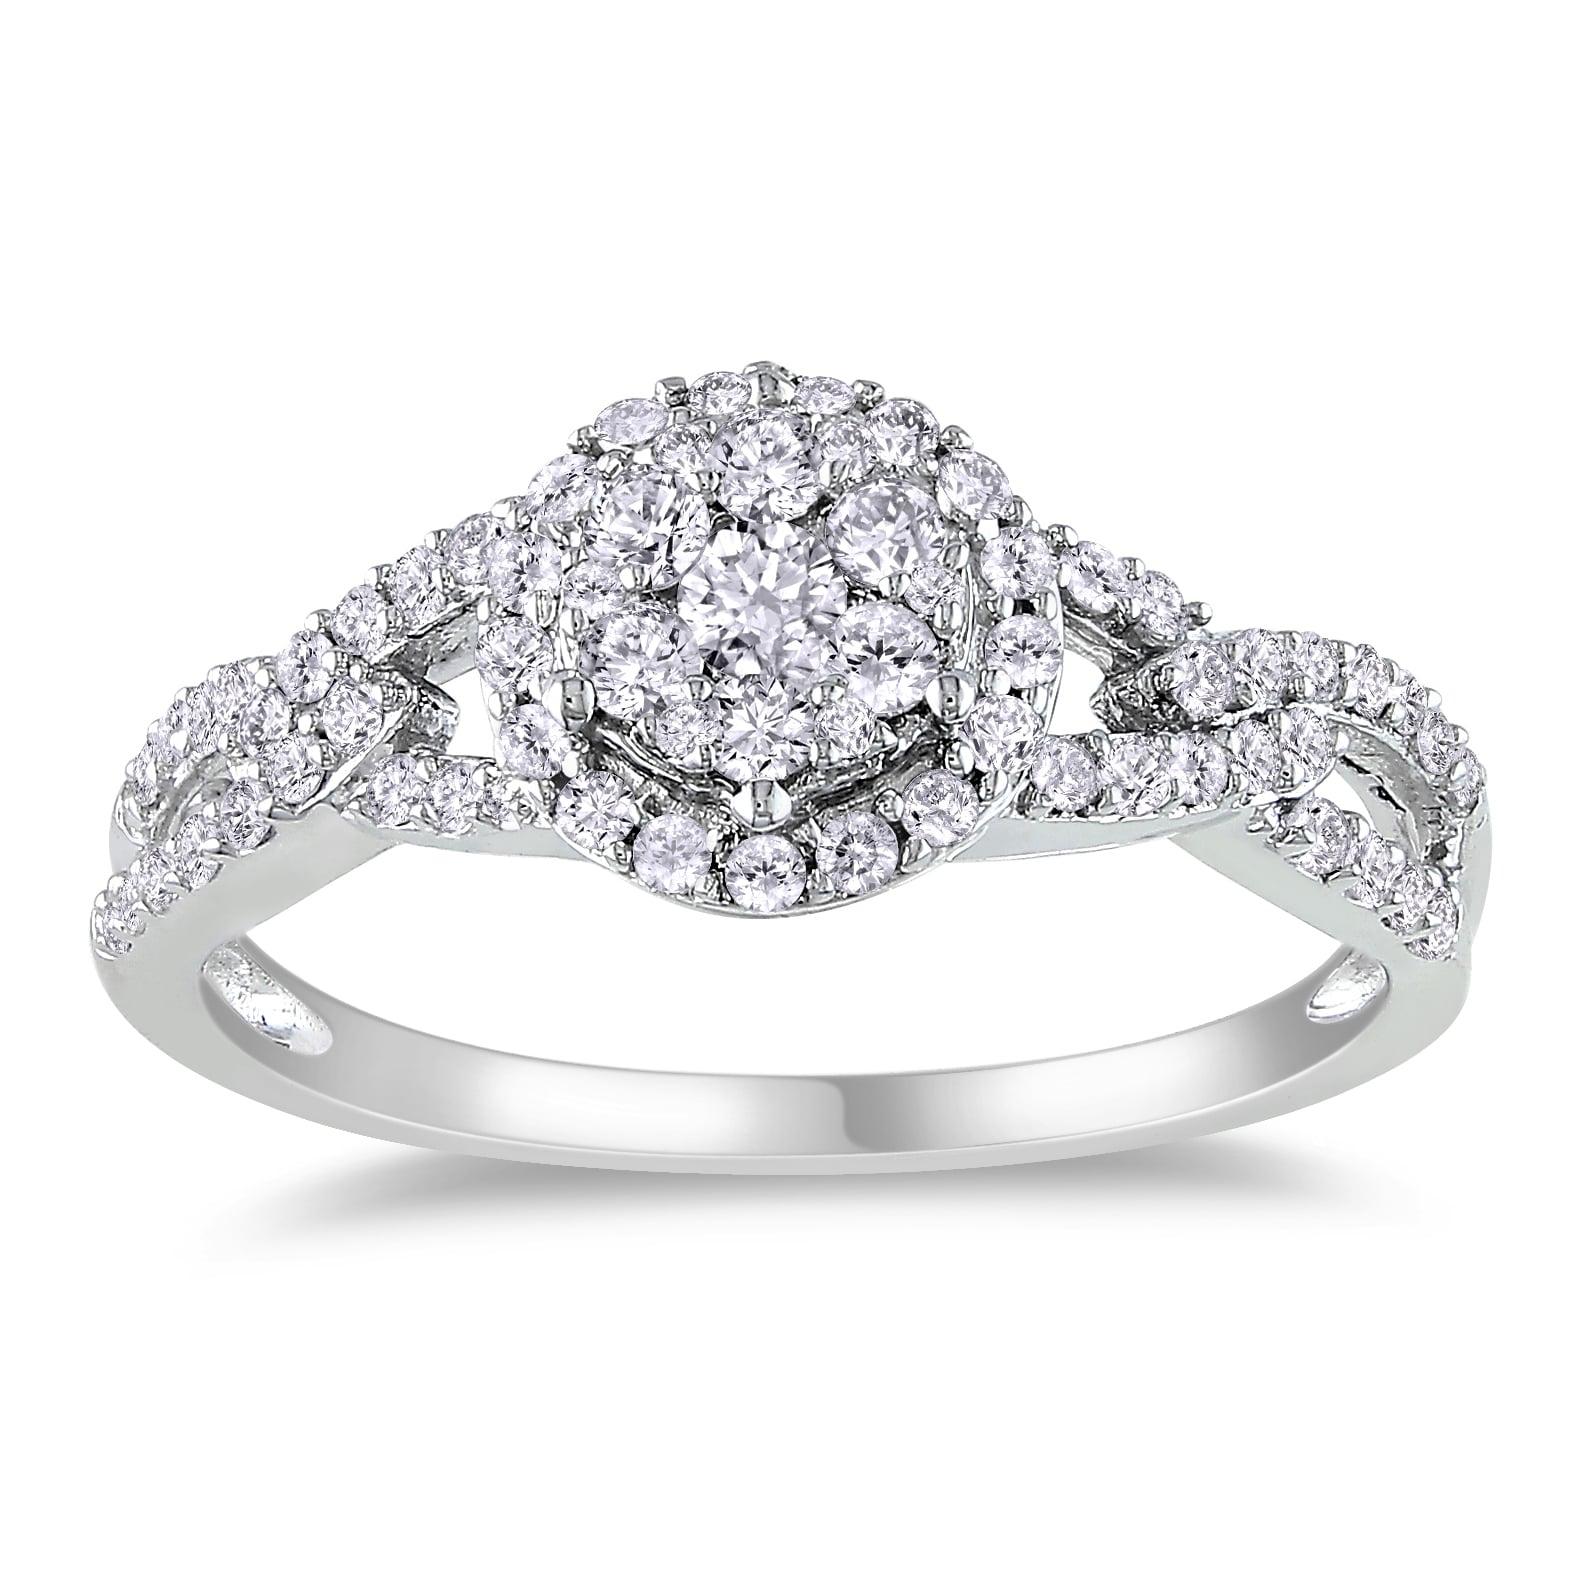 Miadora 14k White Gold 1/2ct TDW Diamond Ring